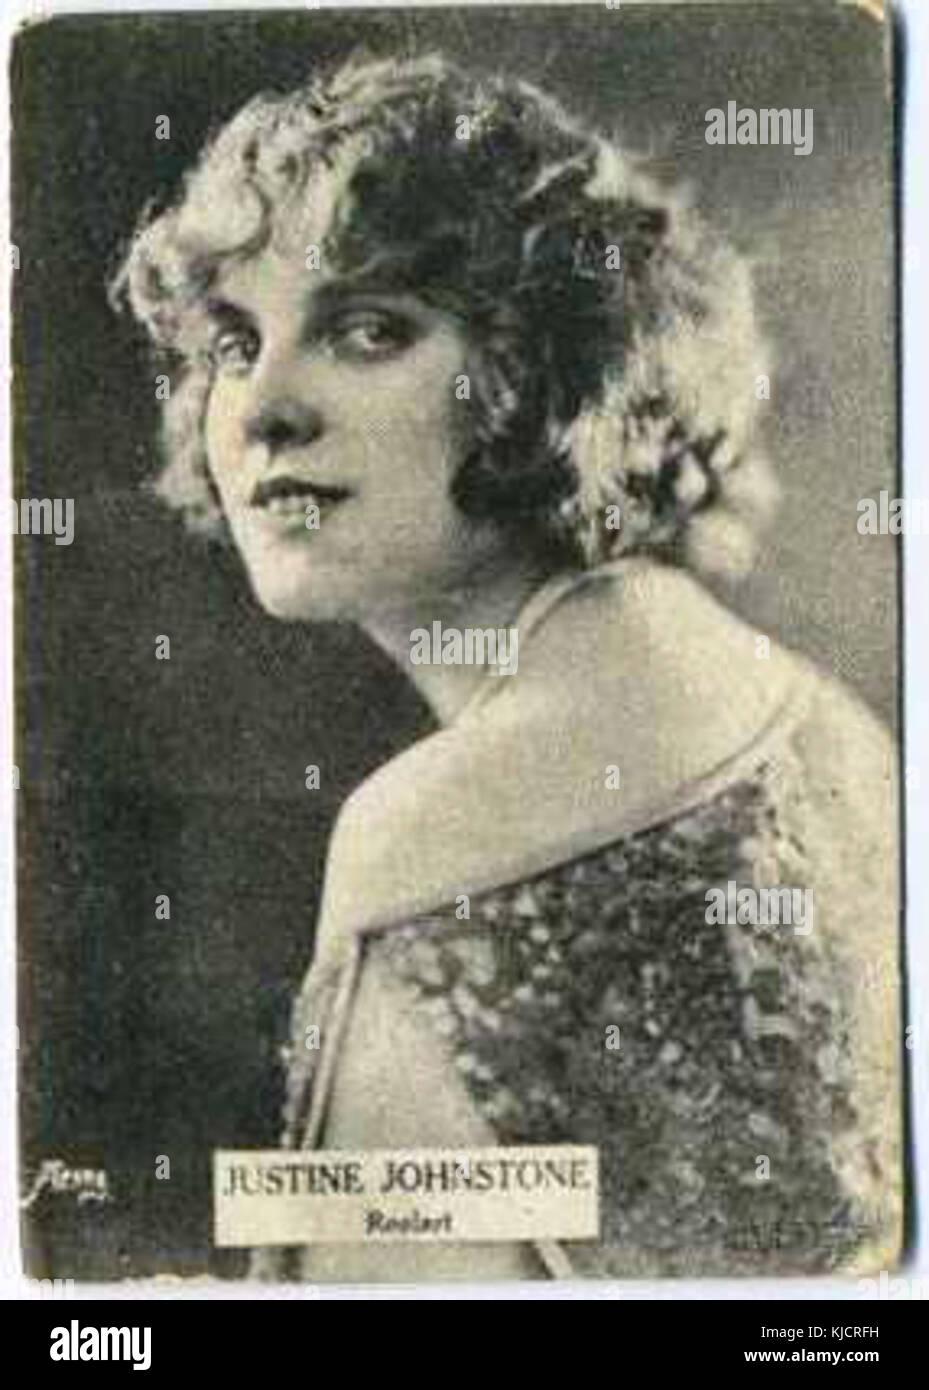 Fran Carlon picture